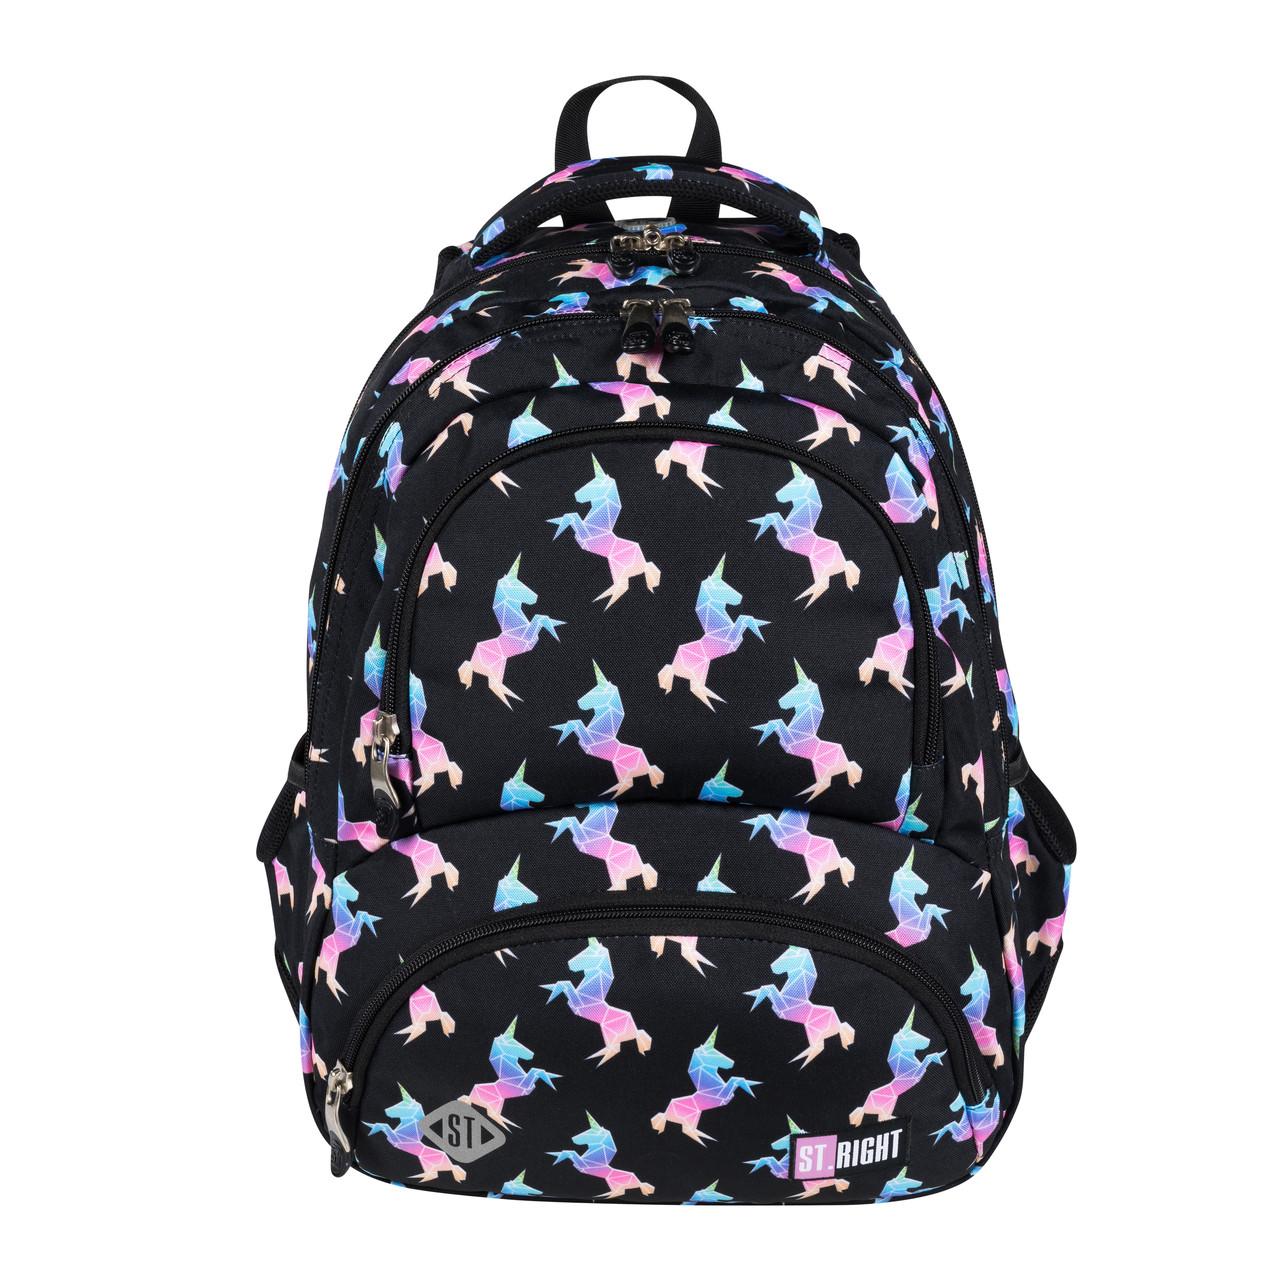 Рюкзак с термокарманом ST RIGHT  BP7 RAINBOW UNICORNS 42x30x20 см 24 литра